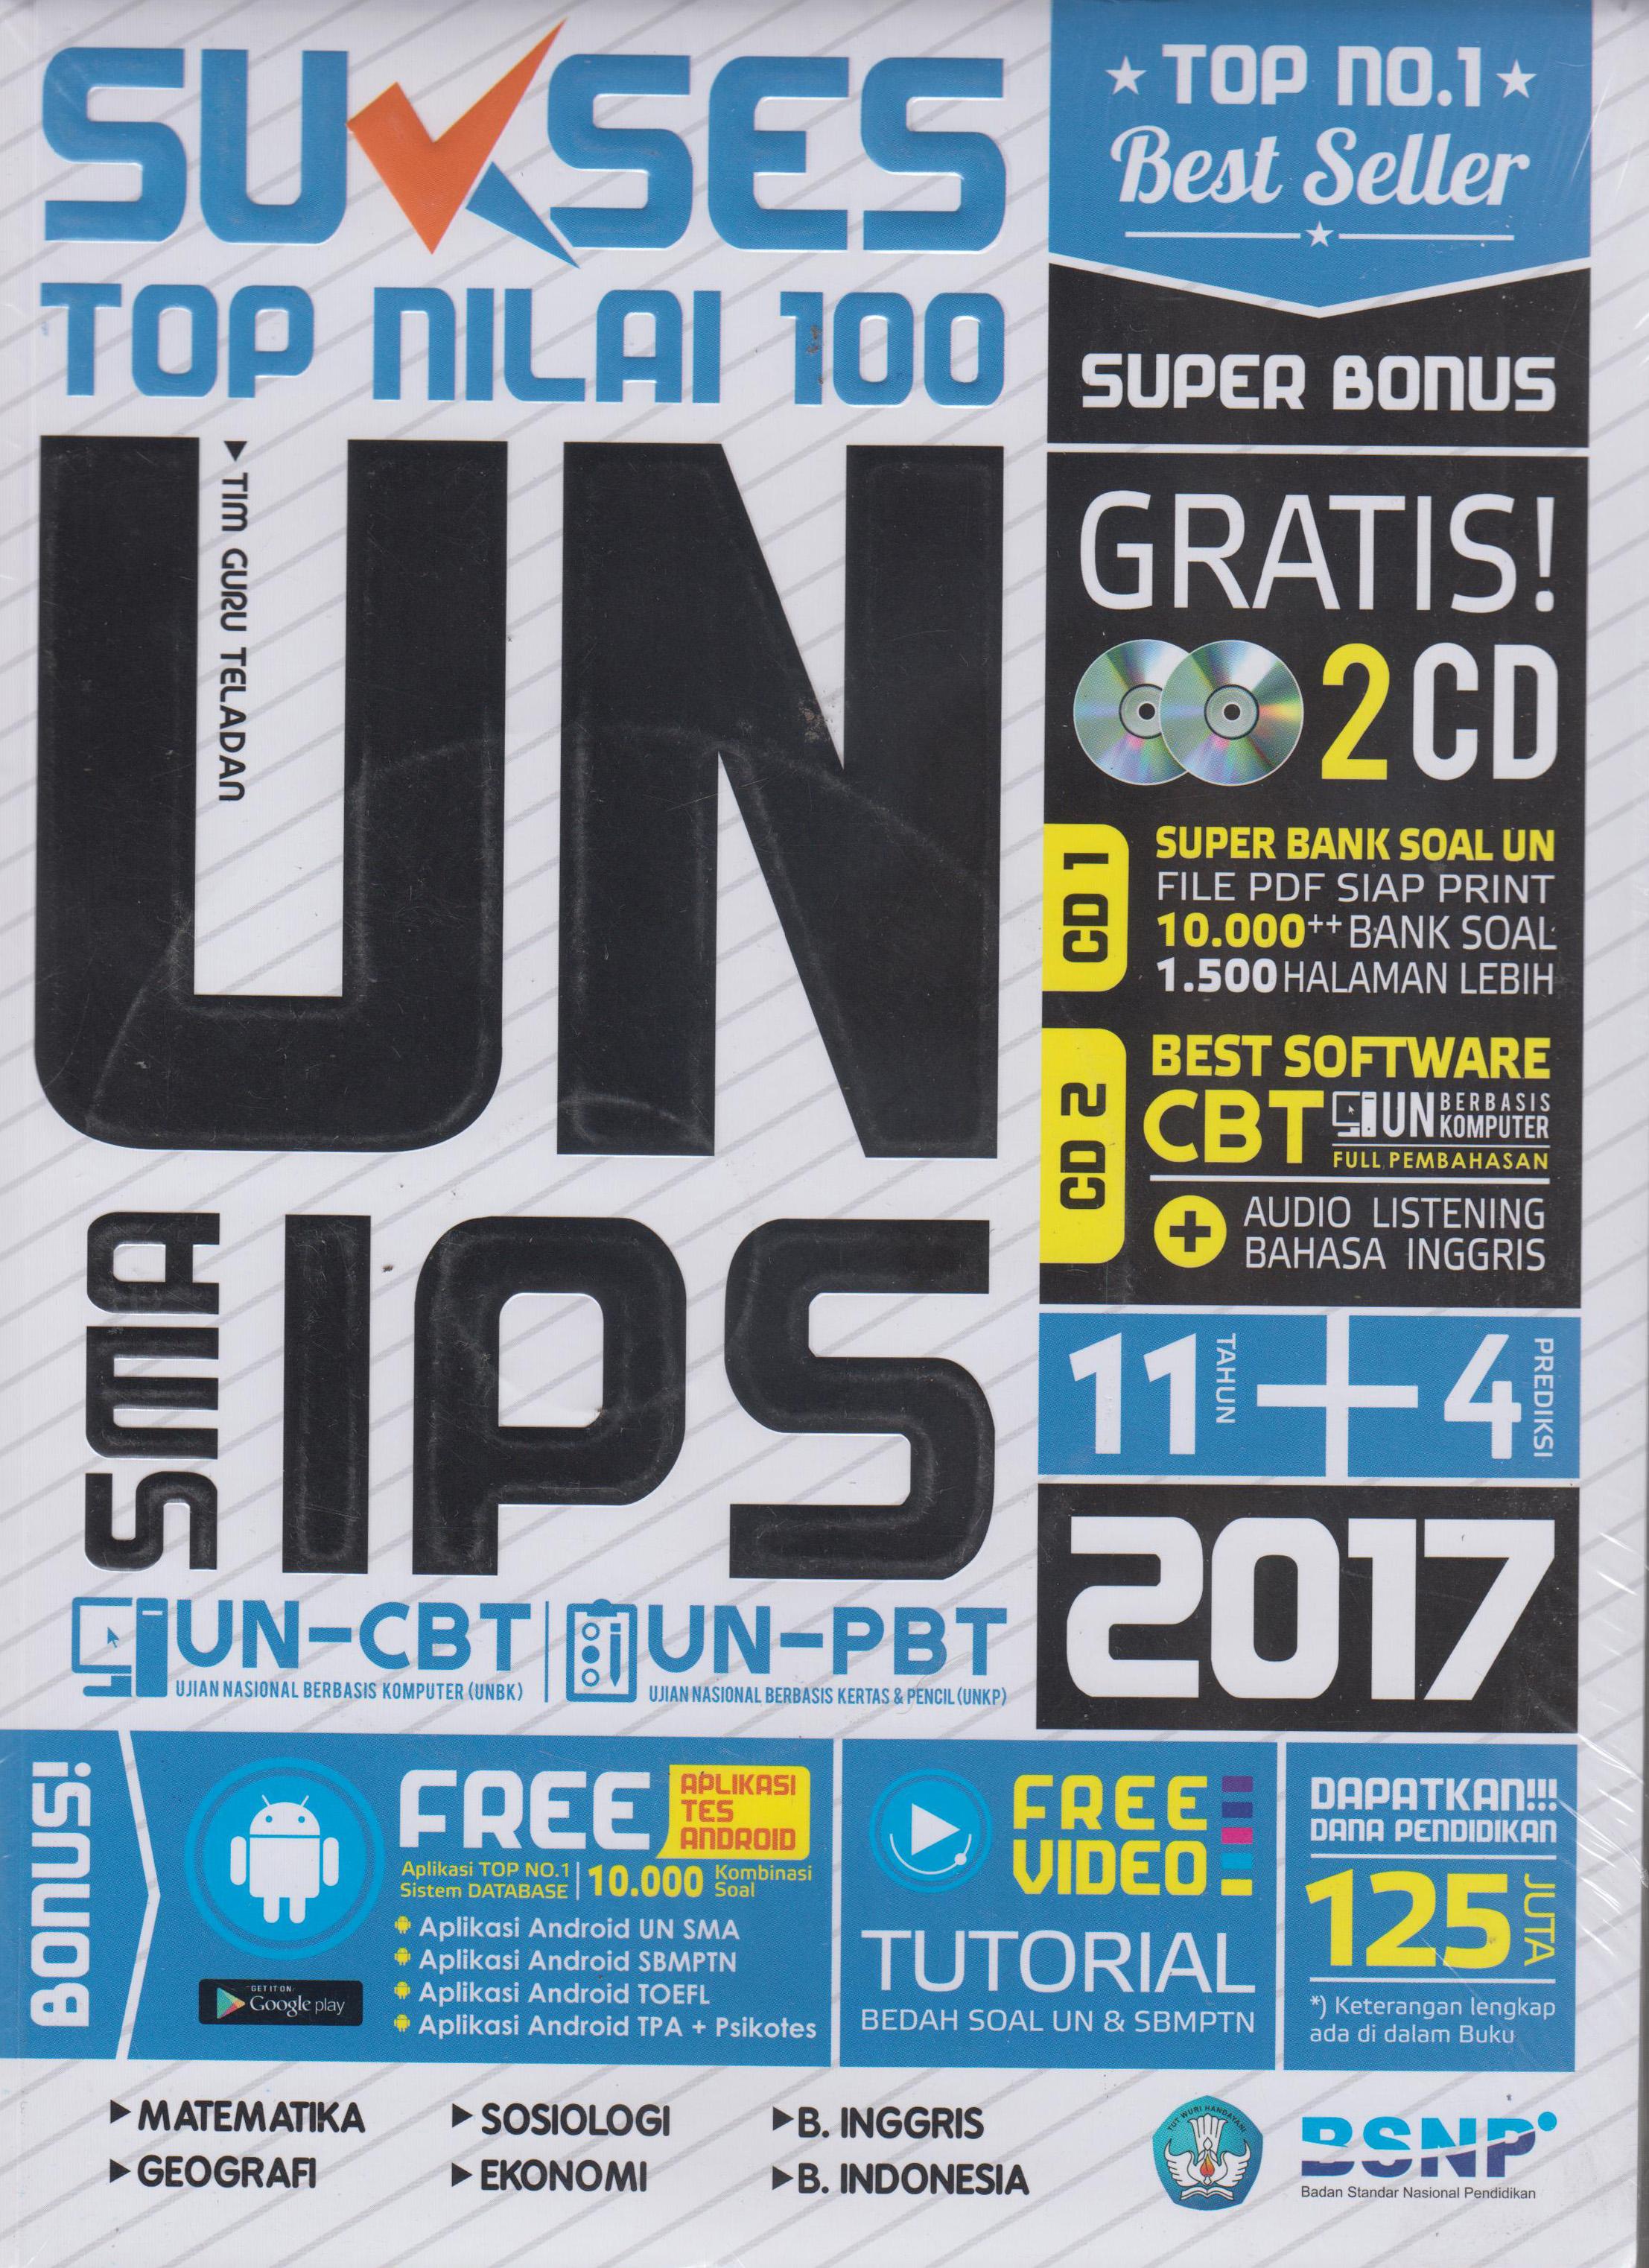 SUKSES TOP NILAI 100 UN SMA IPS 2017 en